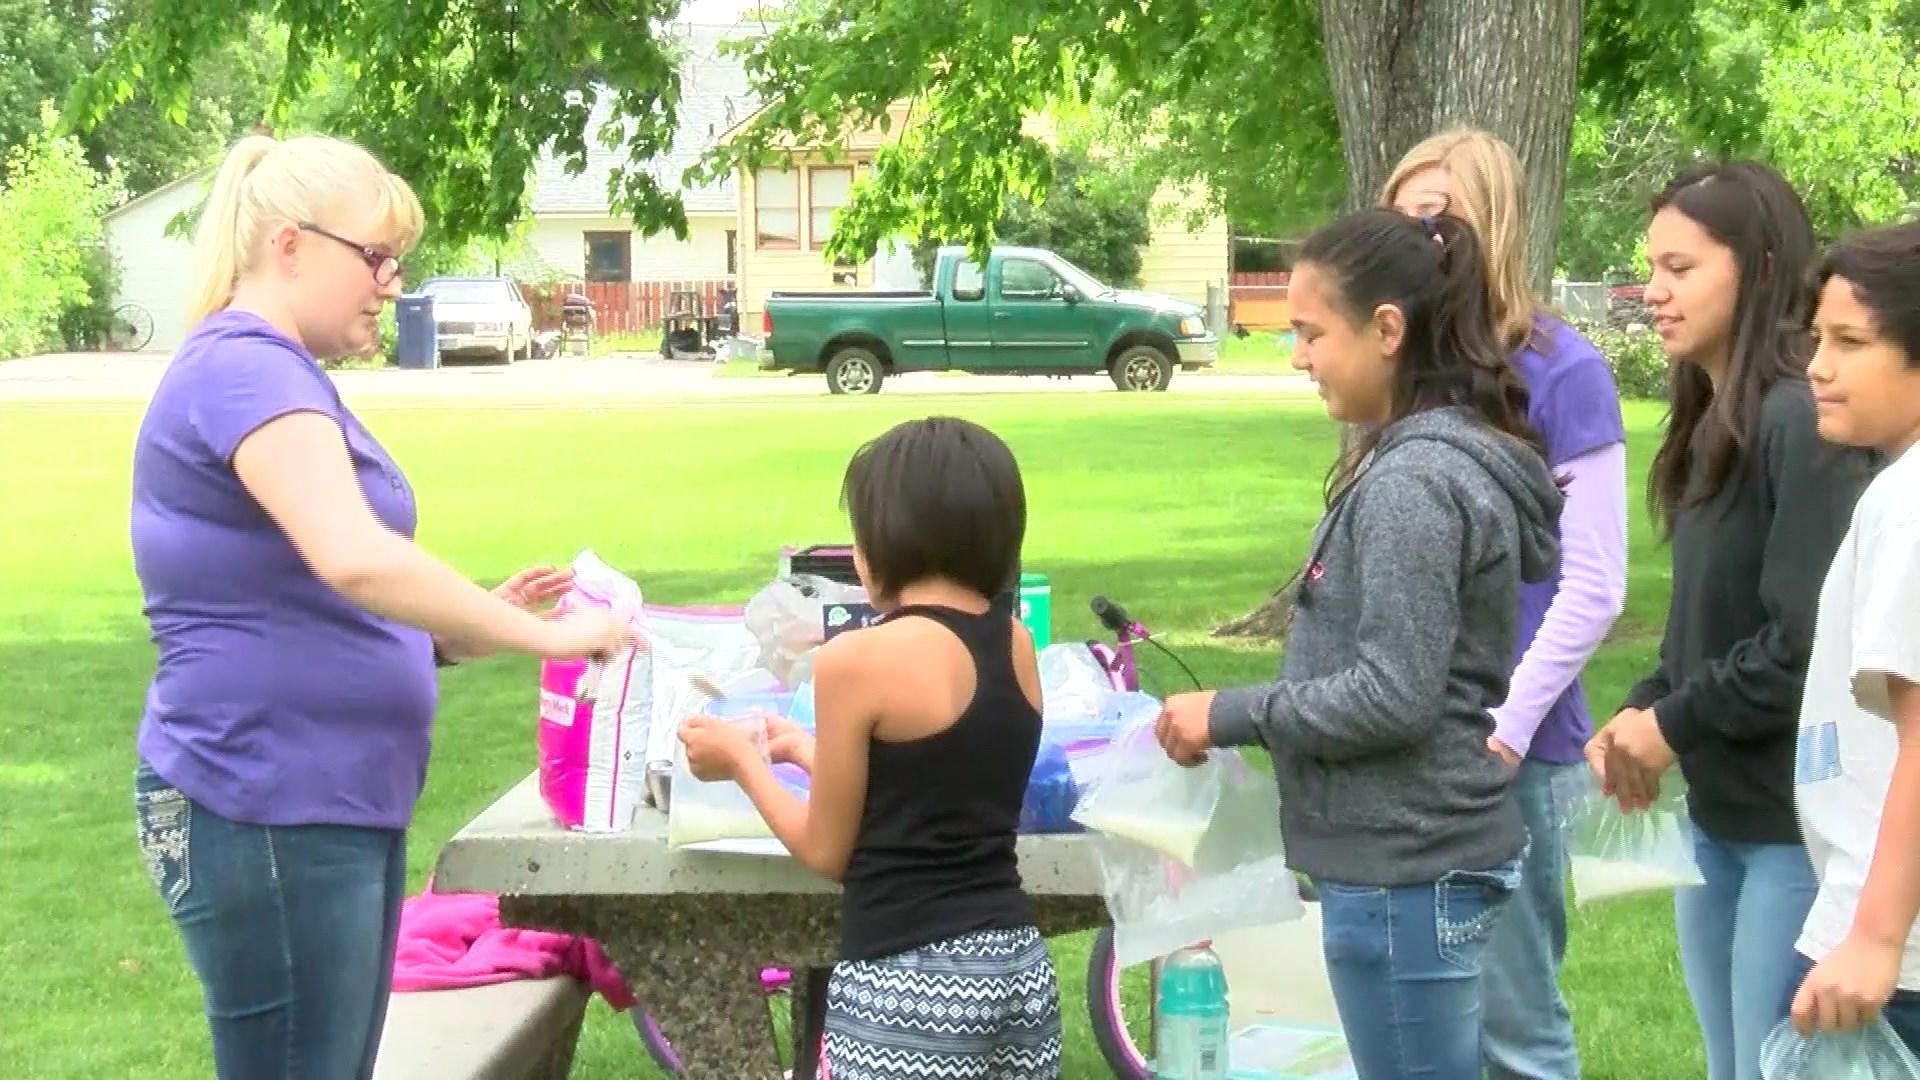 Kids in Rhodes Park on Friday were making ice cream.